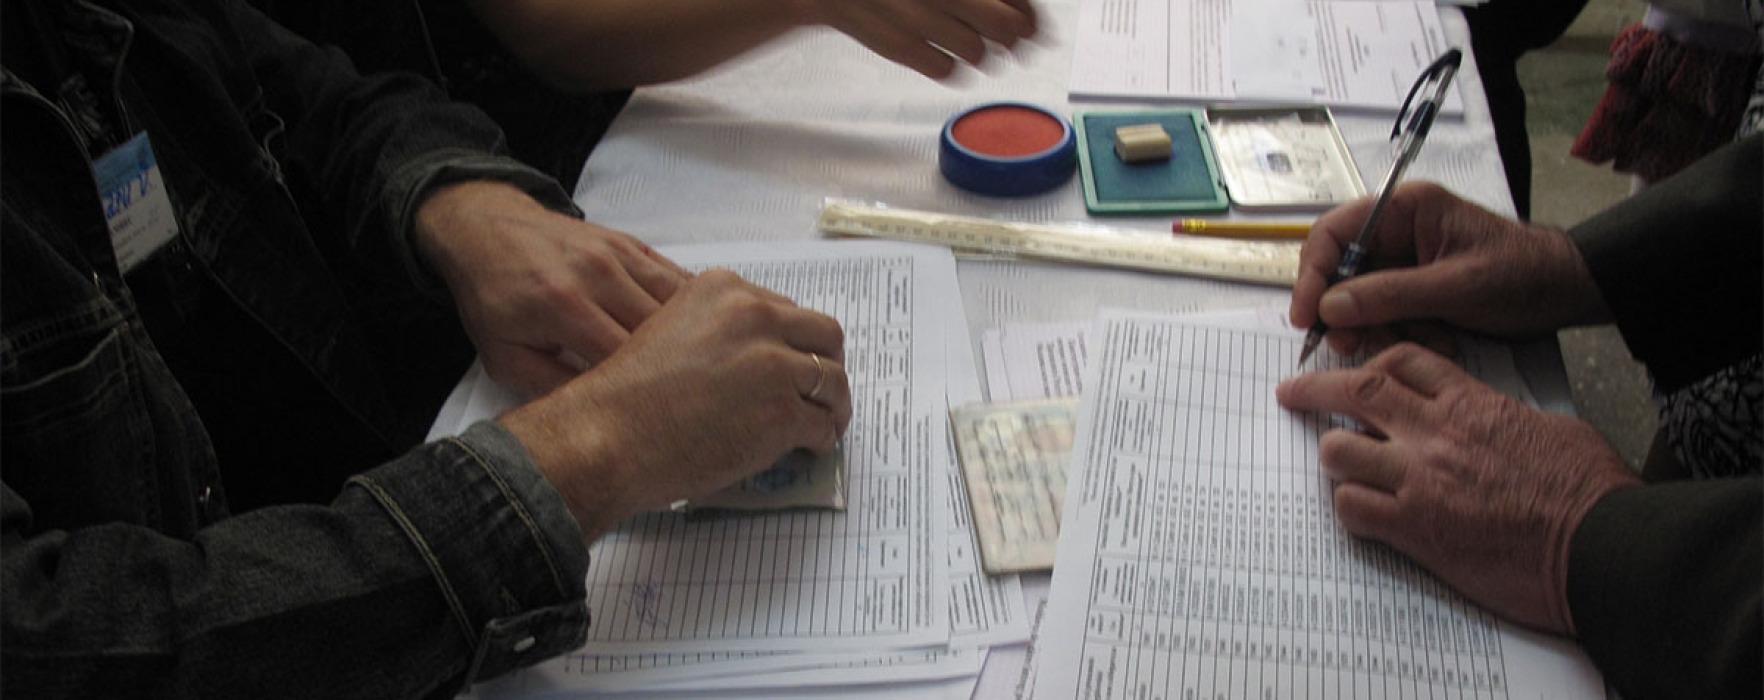 Dâmboviţa: ora 16.00 – Cele mai multe voturi pe liste suplimentare, în secţii din Crevedia